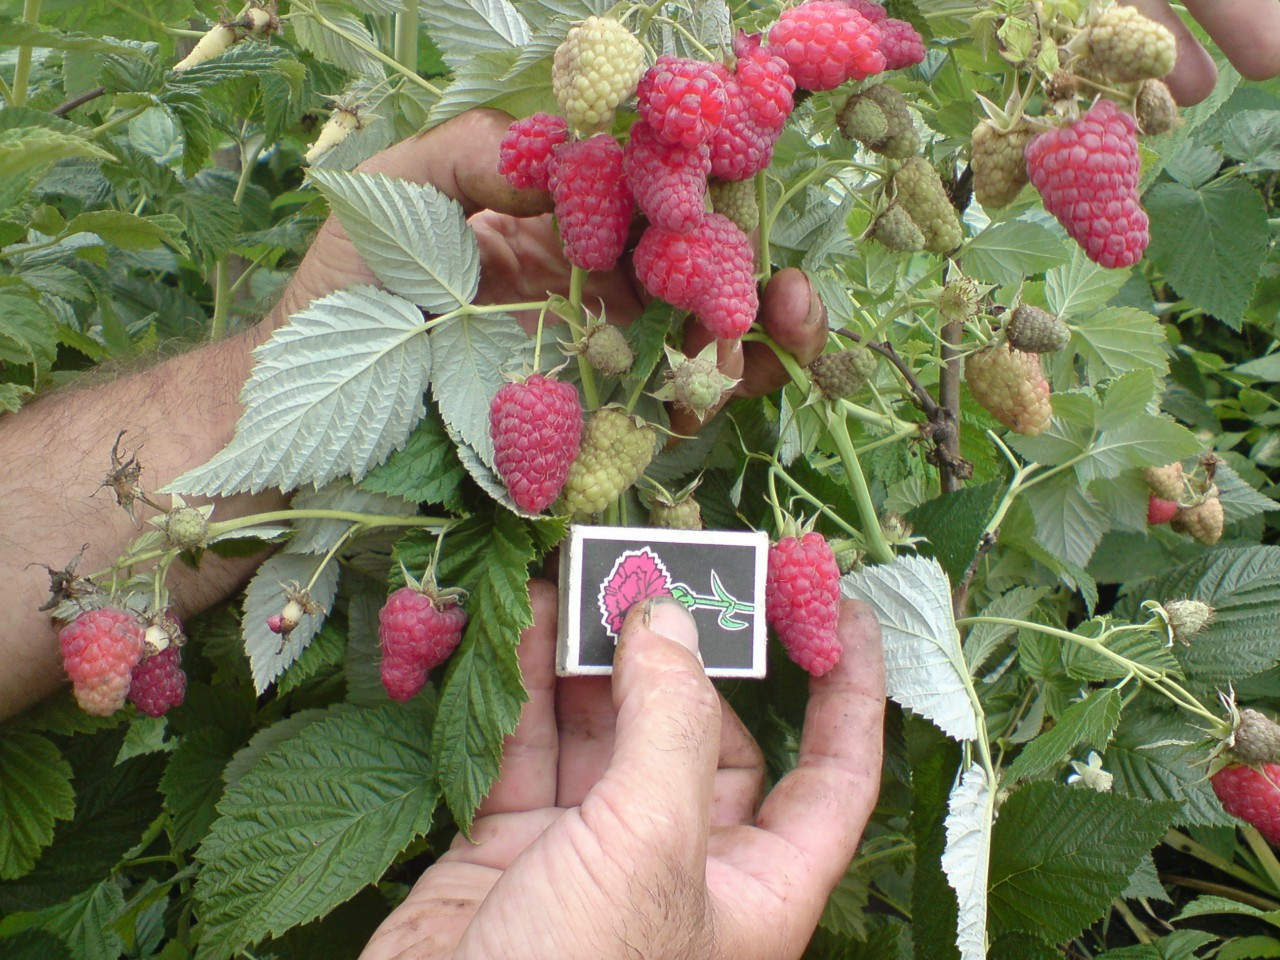 У сорта Таруса очень крупные ягоды с сильным ароматом малины